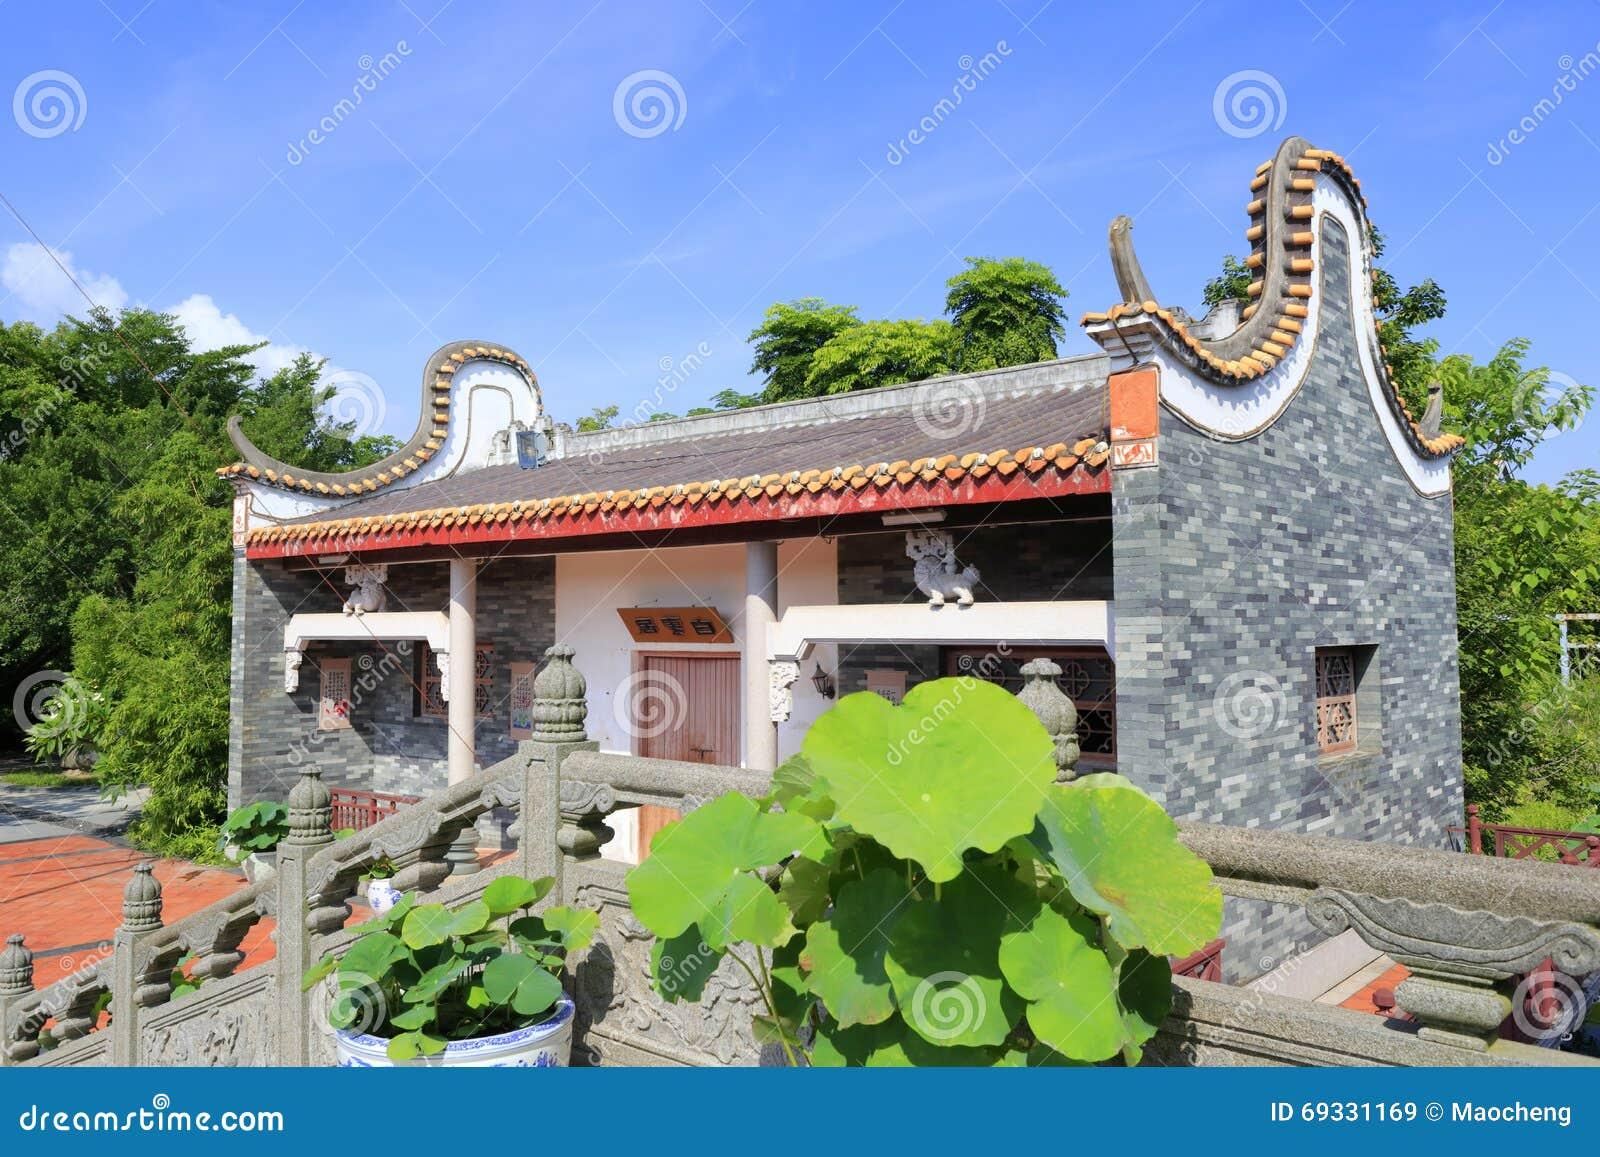 baiyunju classique chinois de maison pr s du pont en pierre image stock ditorial image 69331169. Black Bedroom Furniture Sets. Home Design Ideas